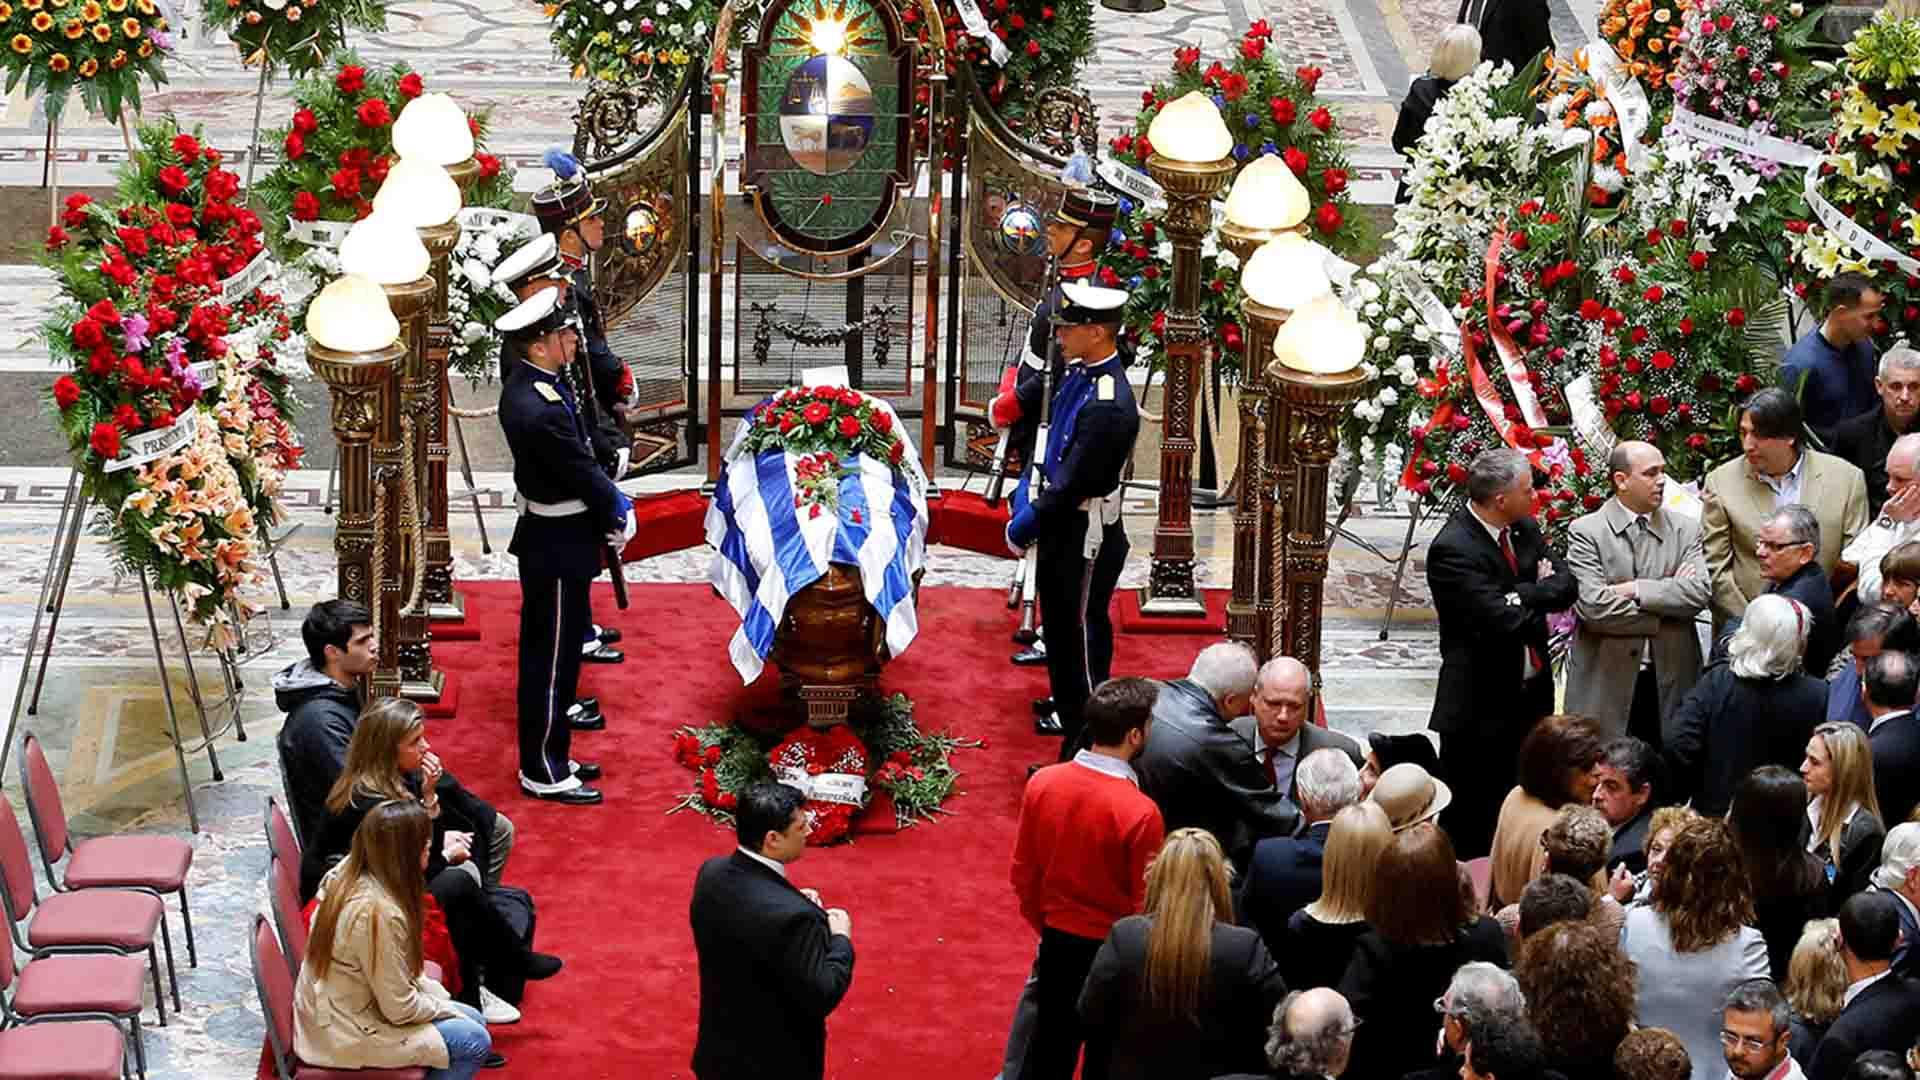 Tras sufrir lesiones en la cabeza por una fuerte caída, el ex mandatario Jorge Batlle murió en Montevideo